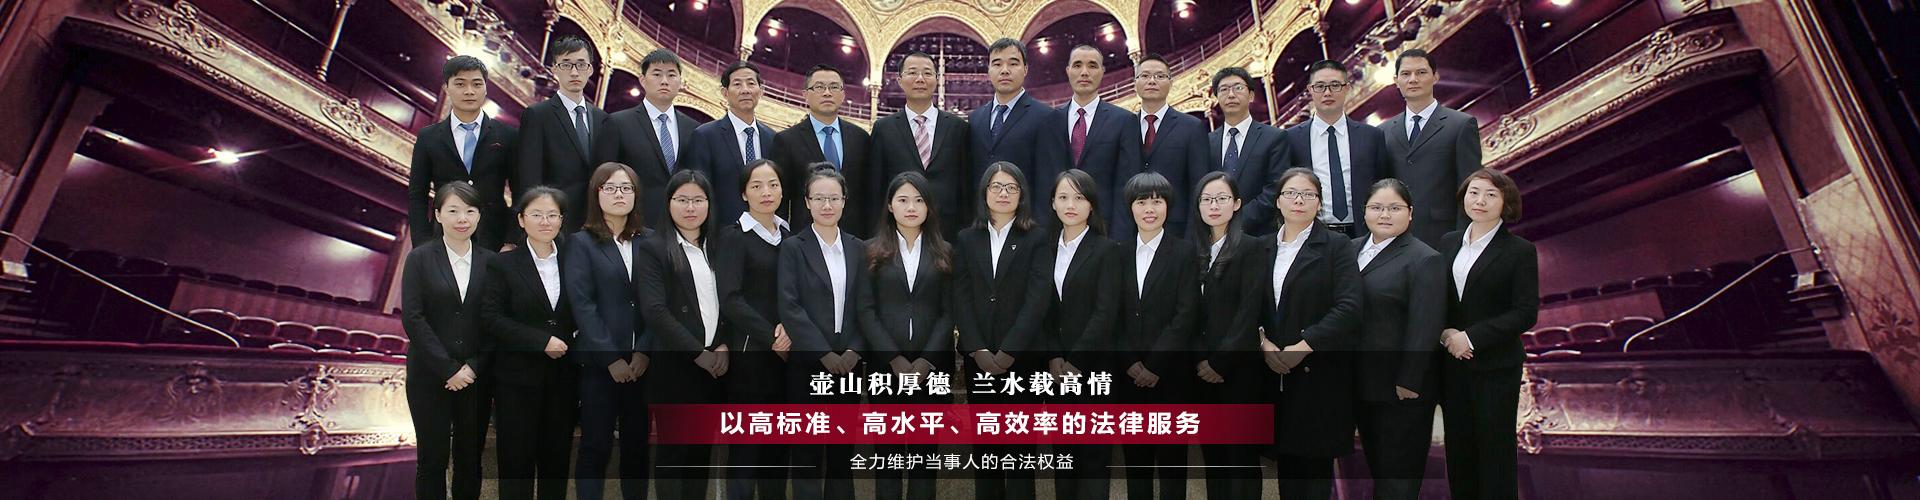 福建莆田律师事务所